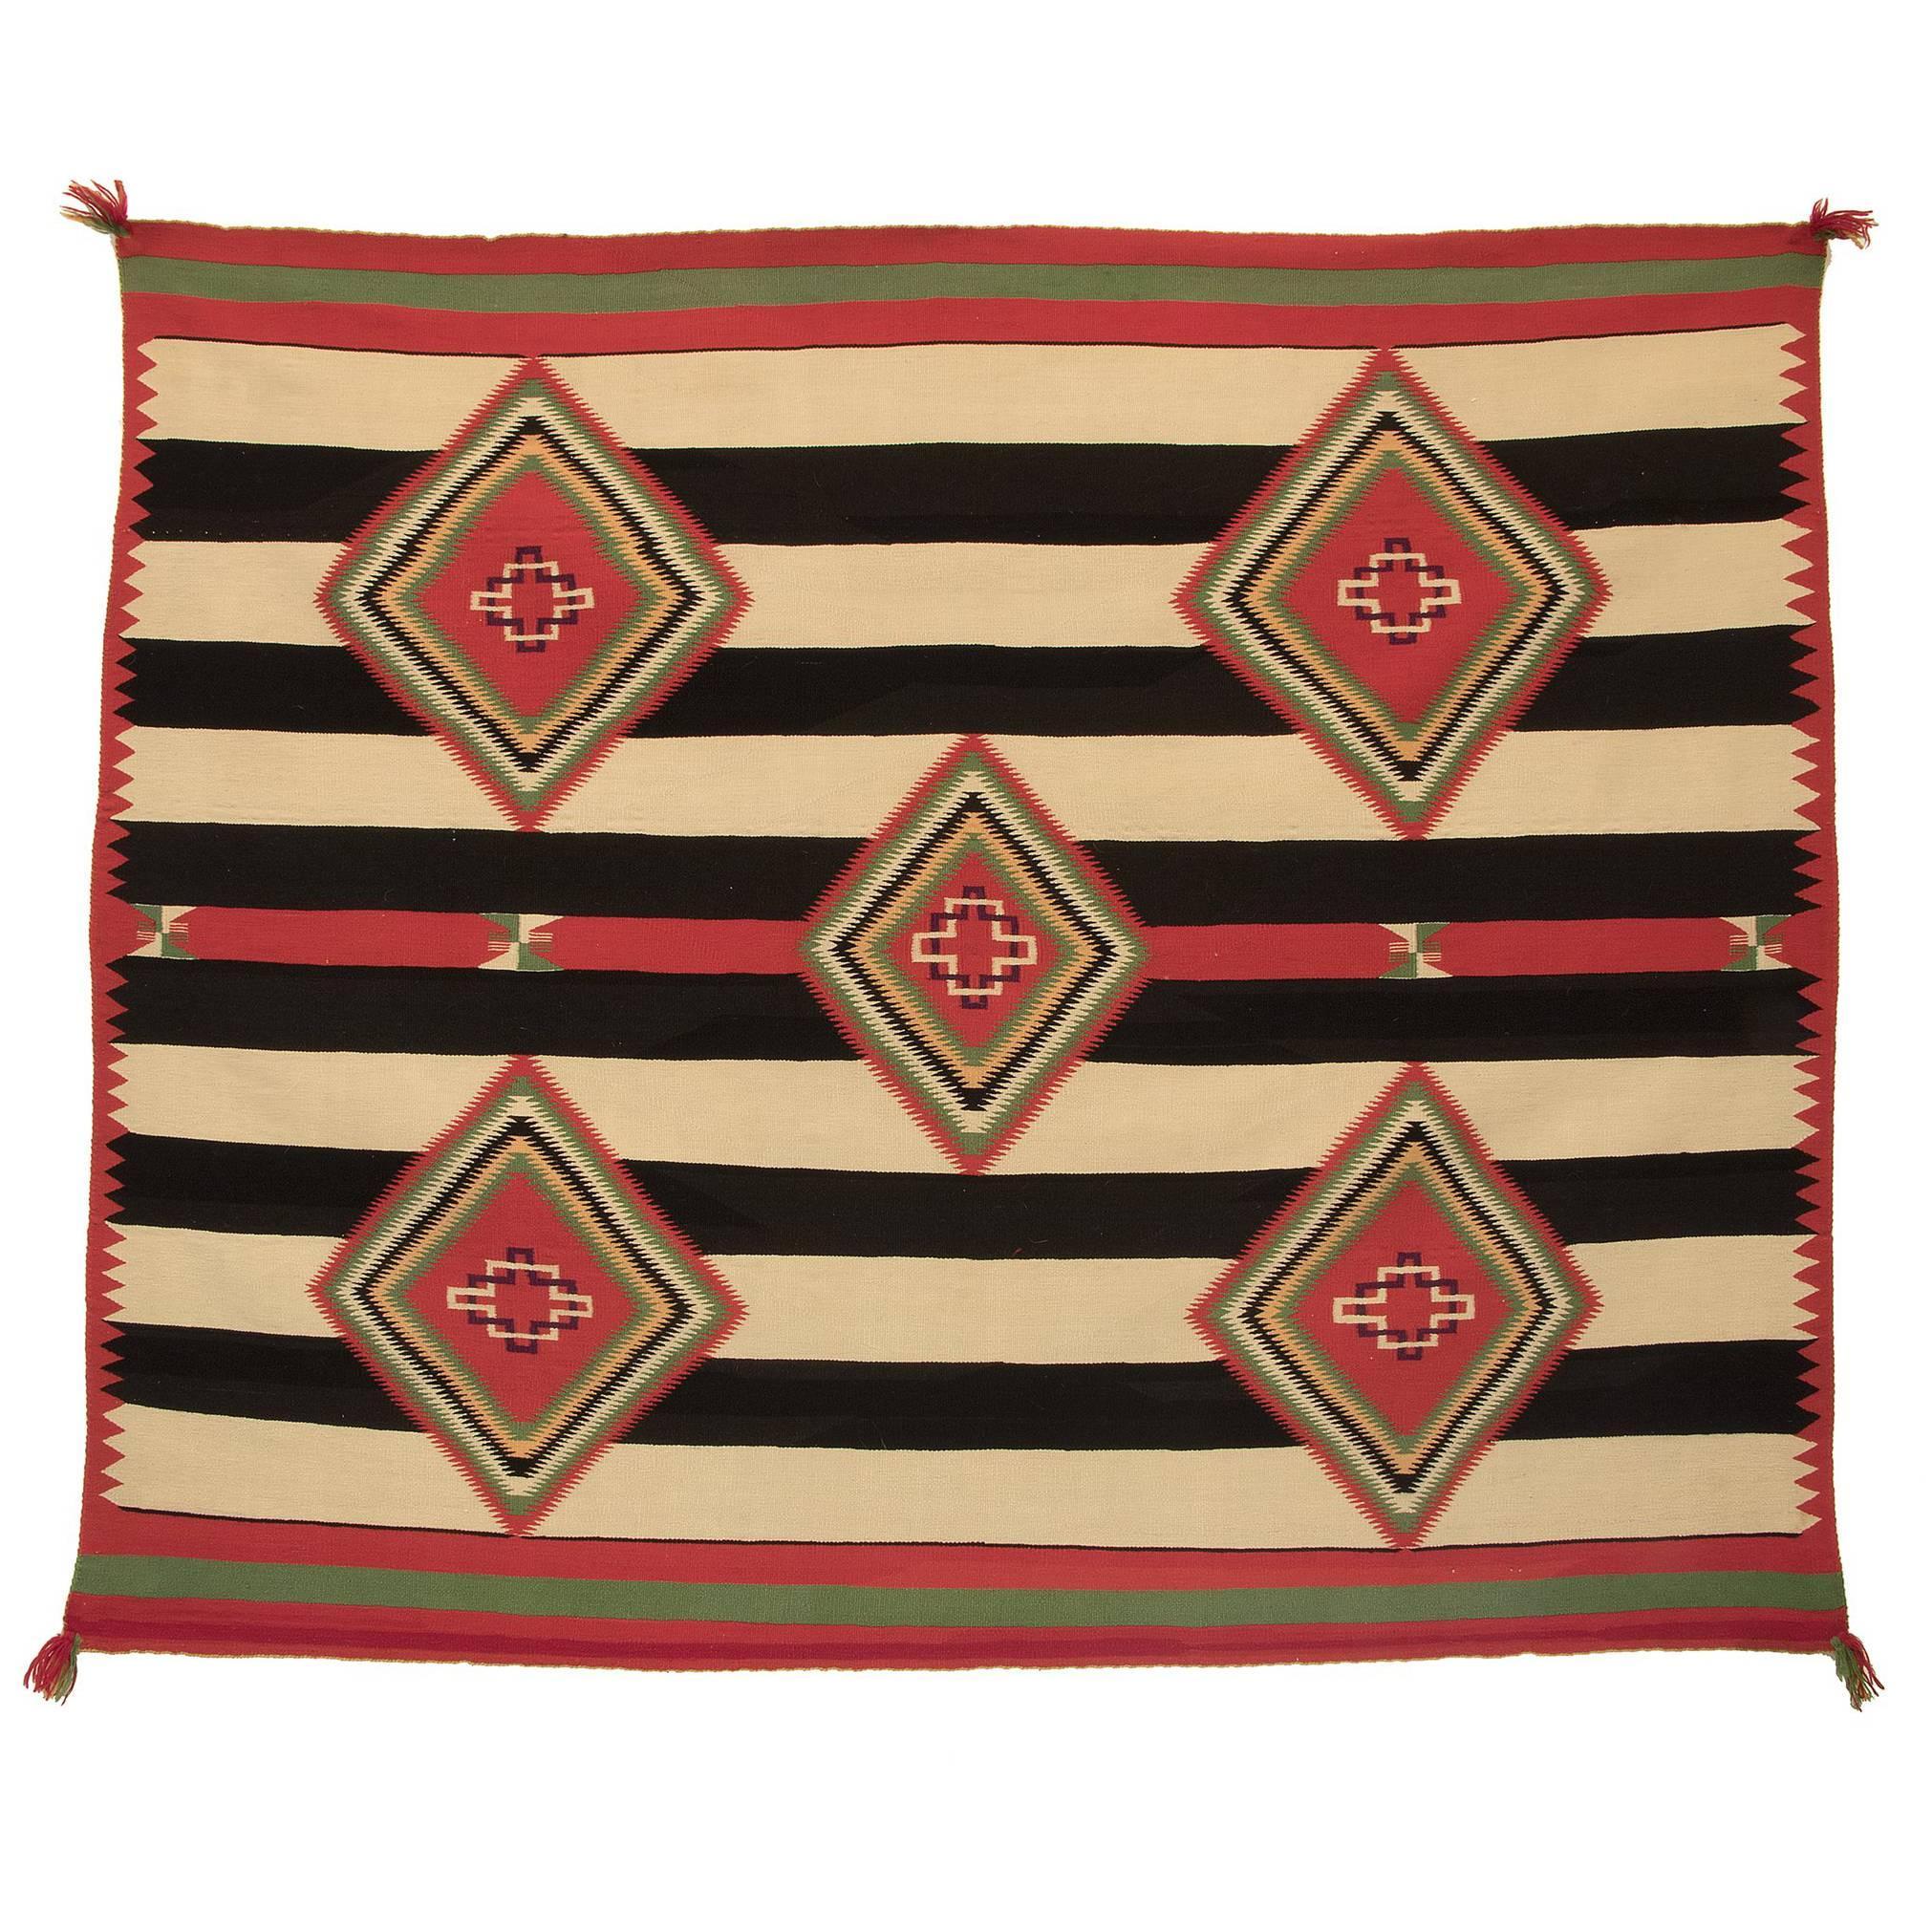 Native American Navajo Chief's Blanket, Germantown Wool, 19th Century